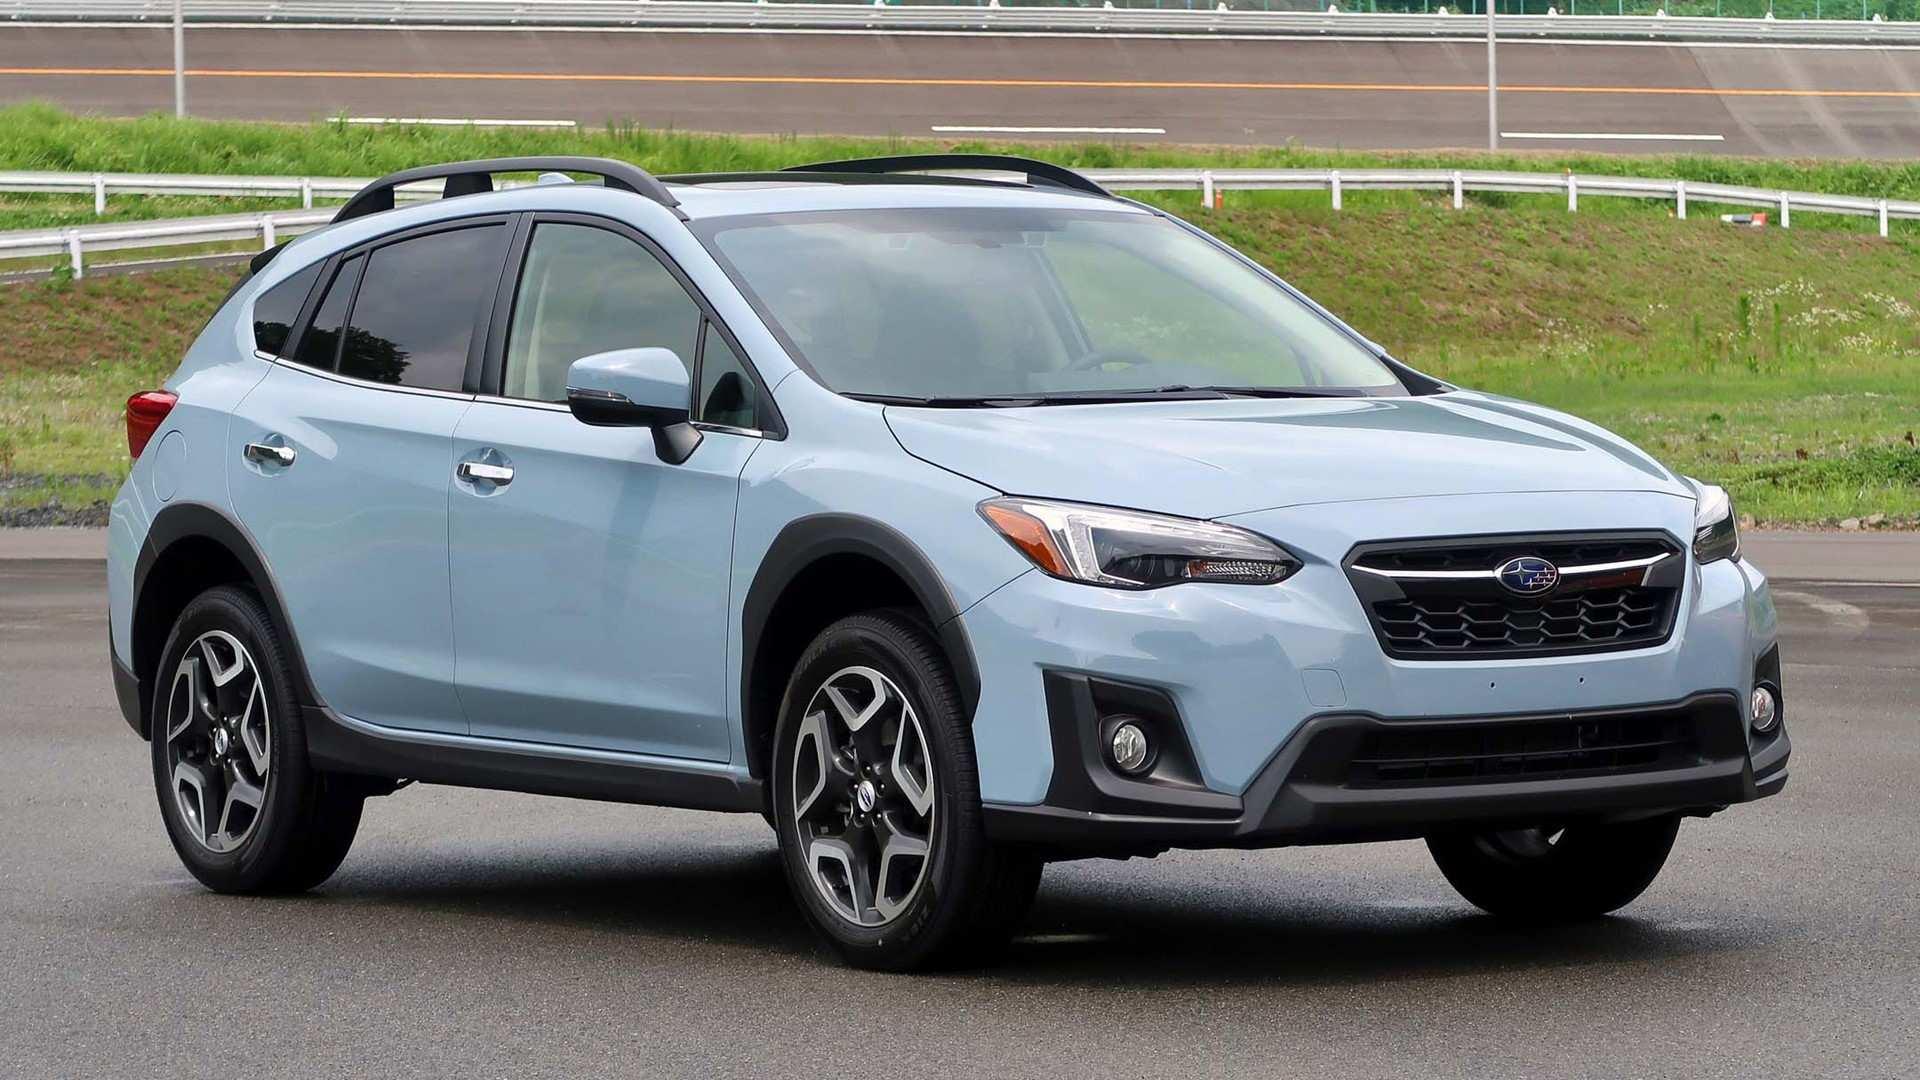 93 Gallery of Subaru Phev 2020 Interior with Subaru Phev 2020